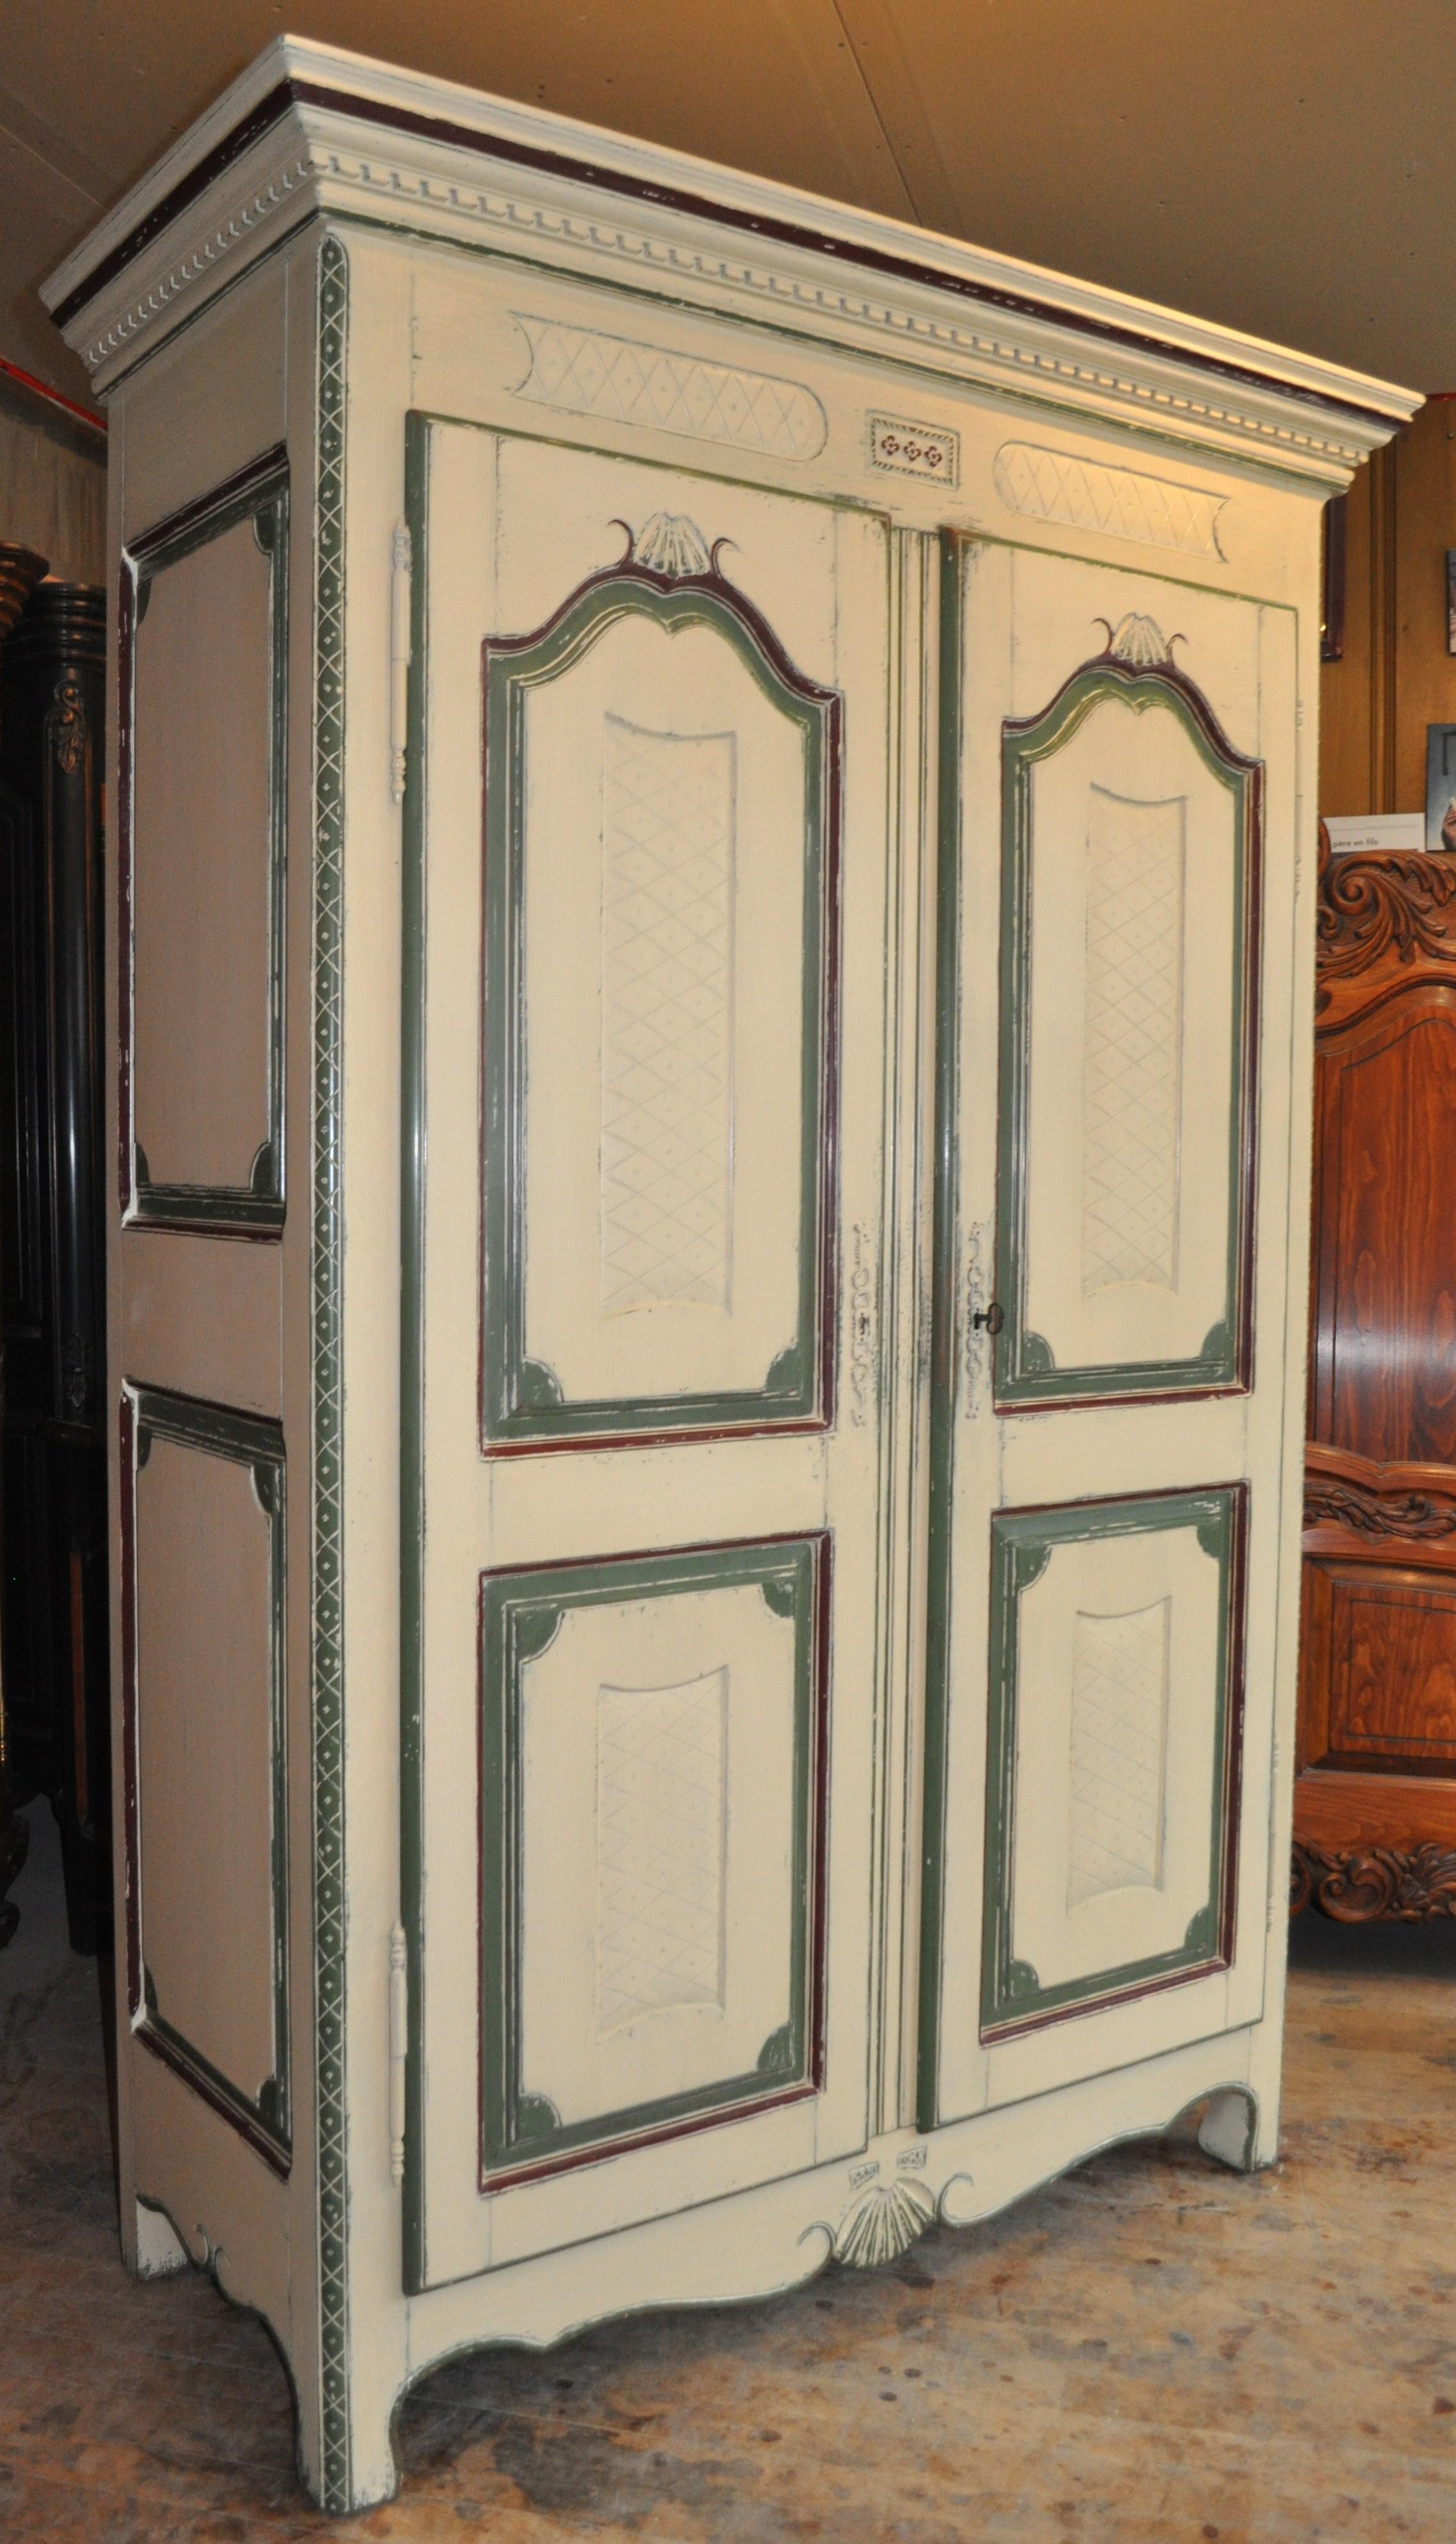 Armoire à décor rustique. Crédit : Clément Locat